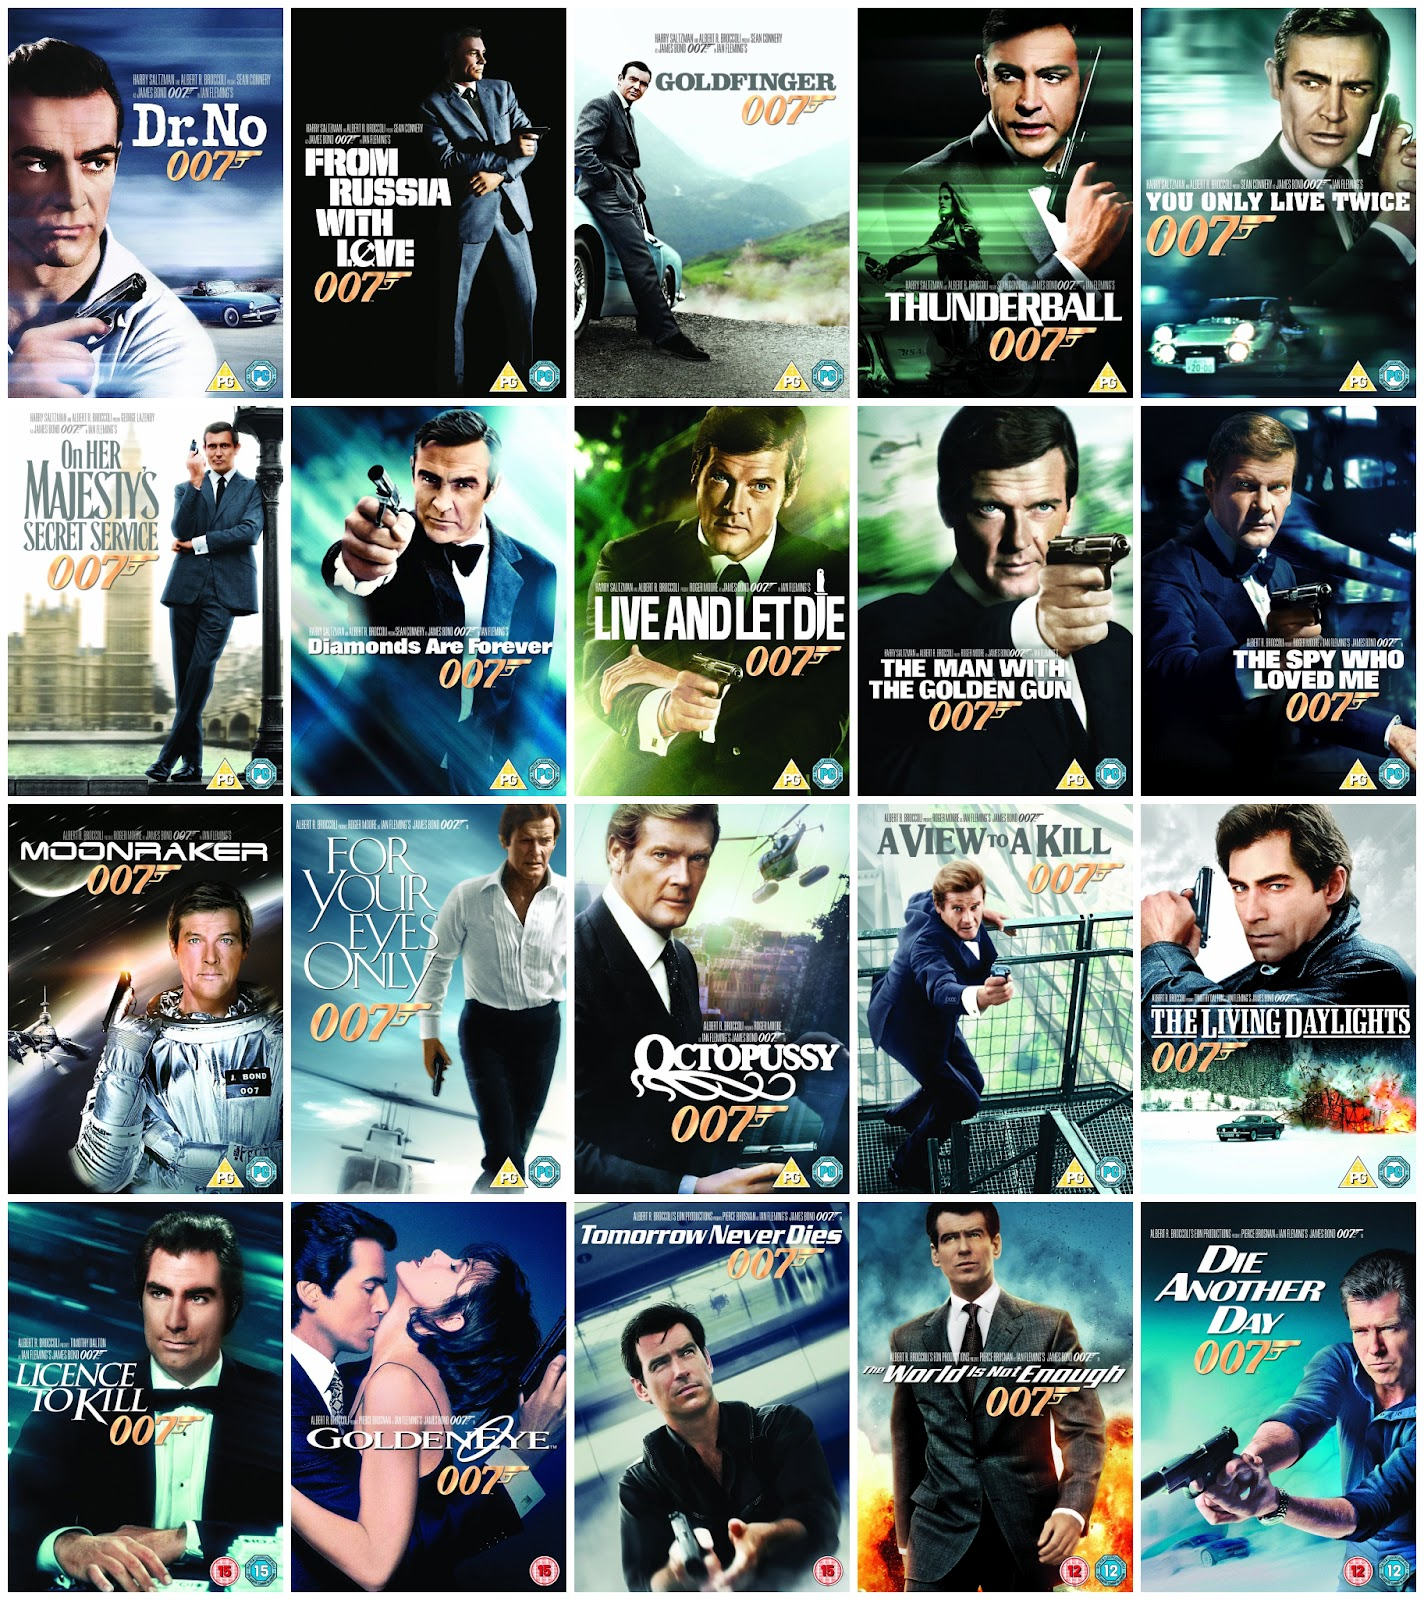 Porn movie website dvd